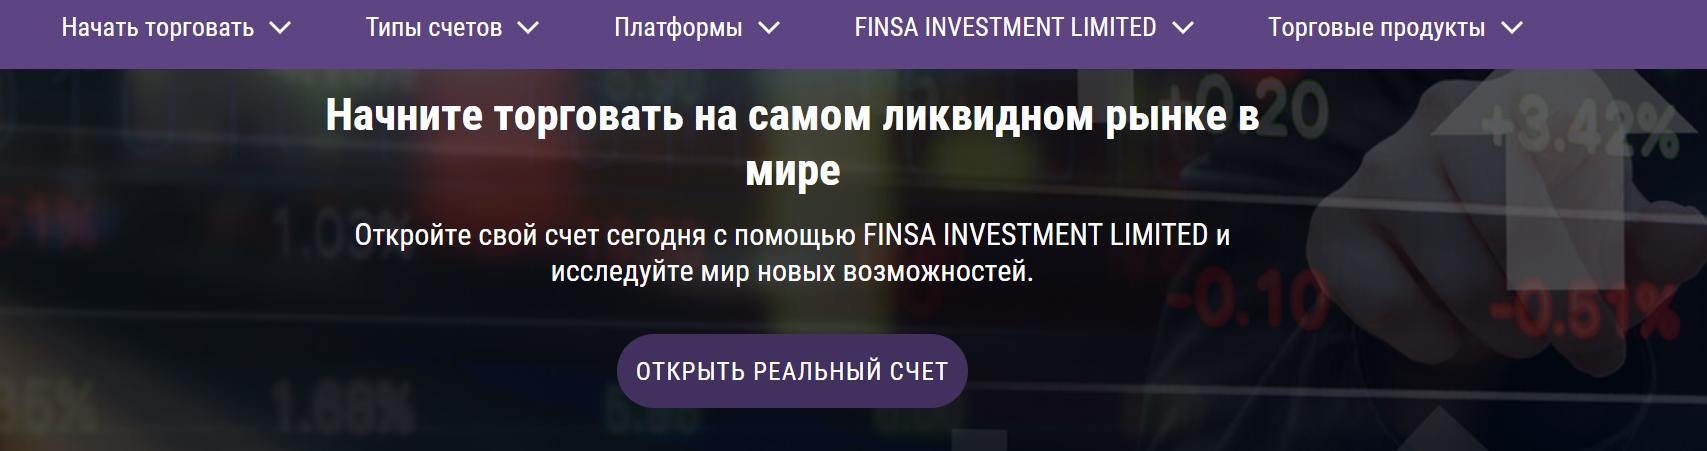 finsa investment limited стоит ли торговать